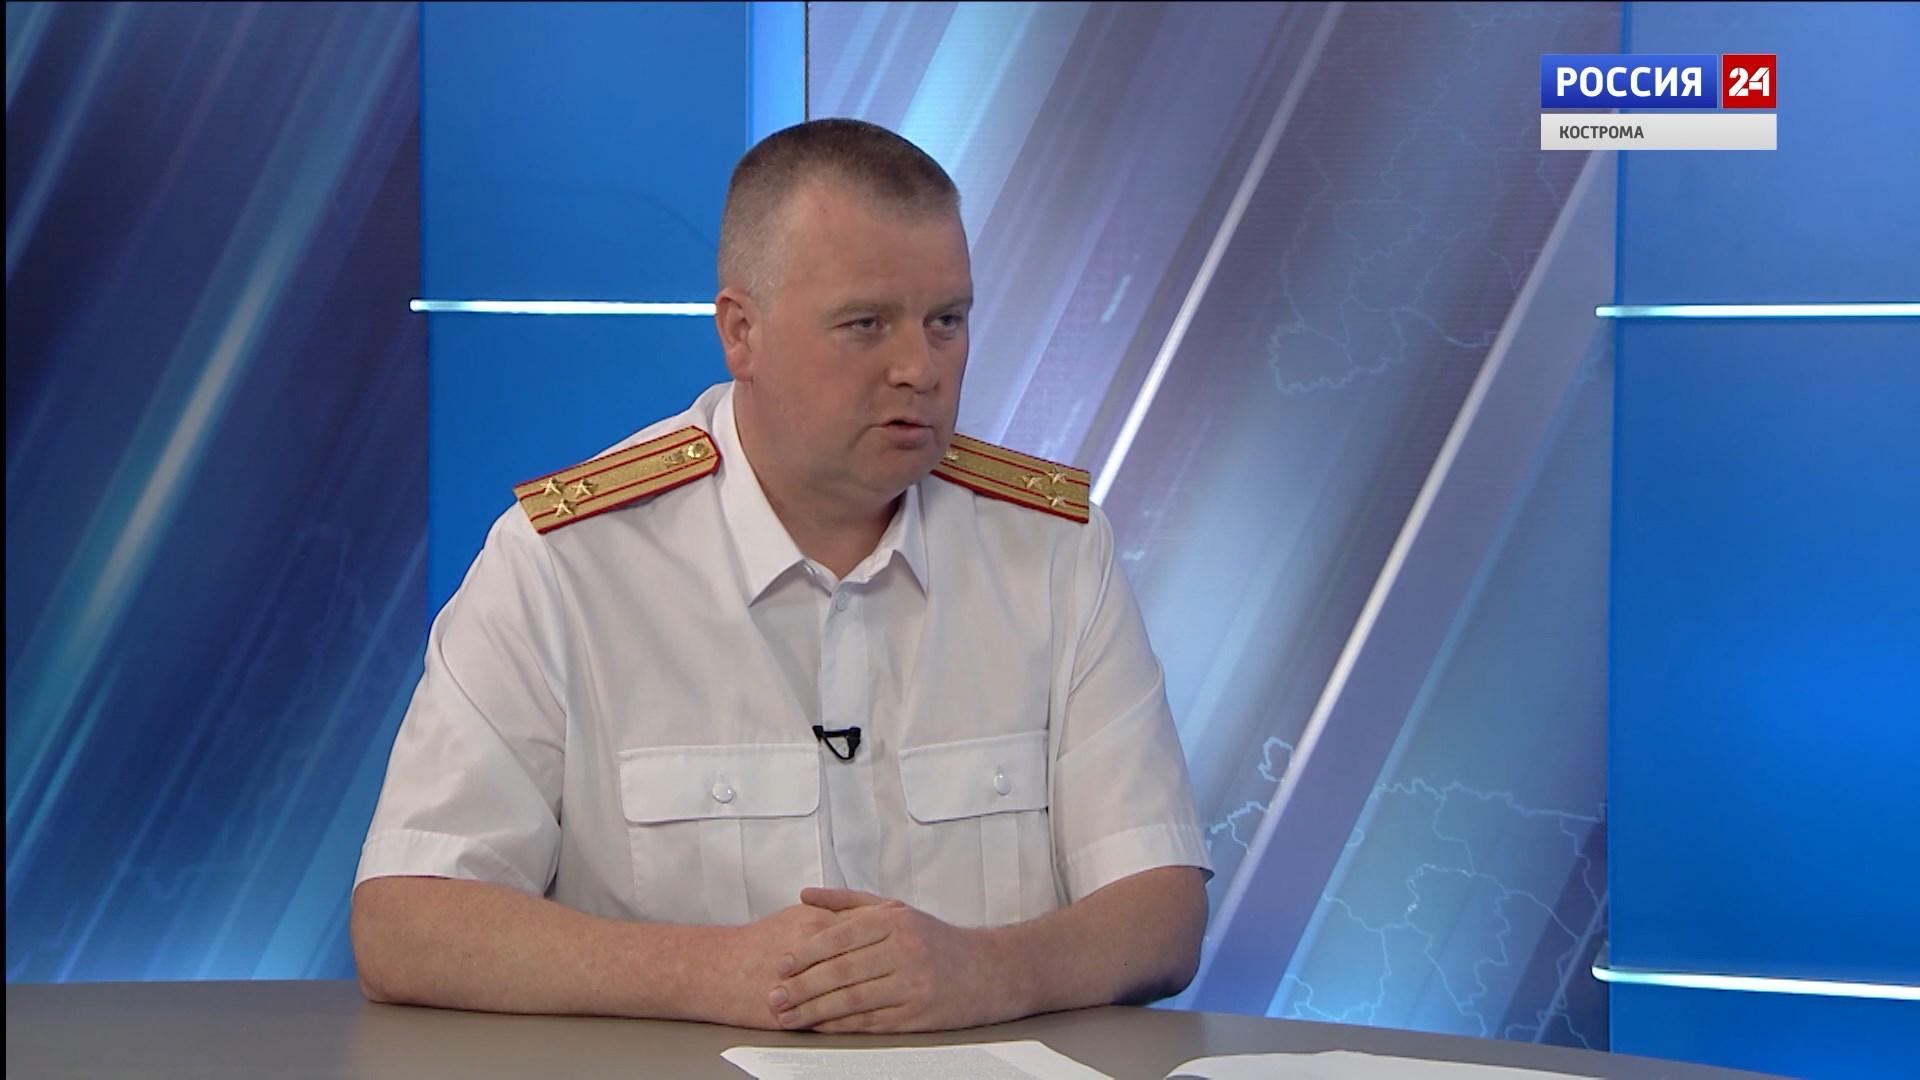 Костромские следователи в канун праздника рассказали о своей работе